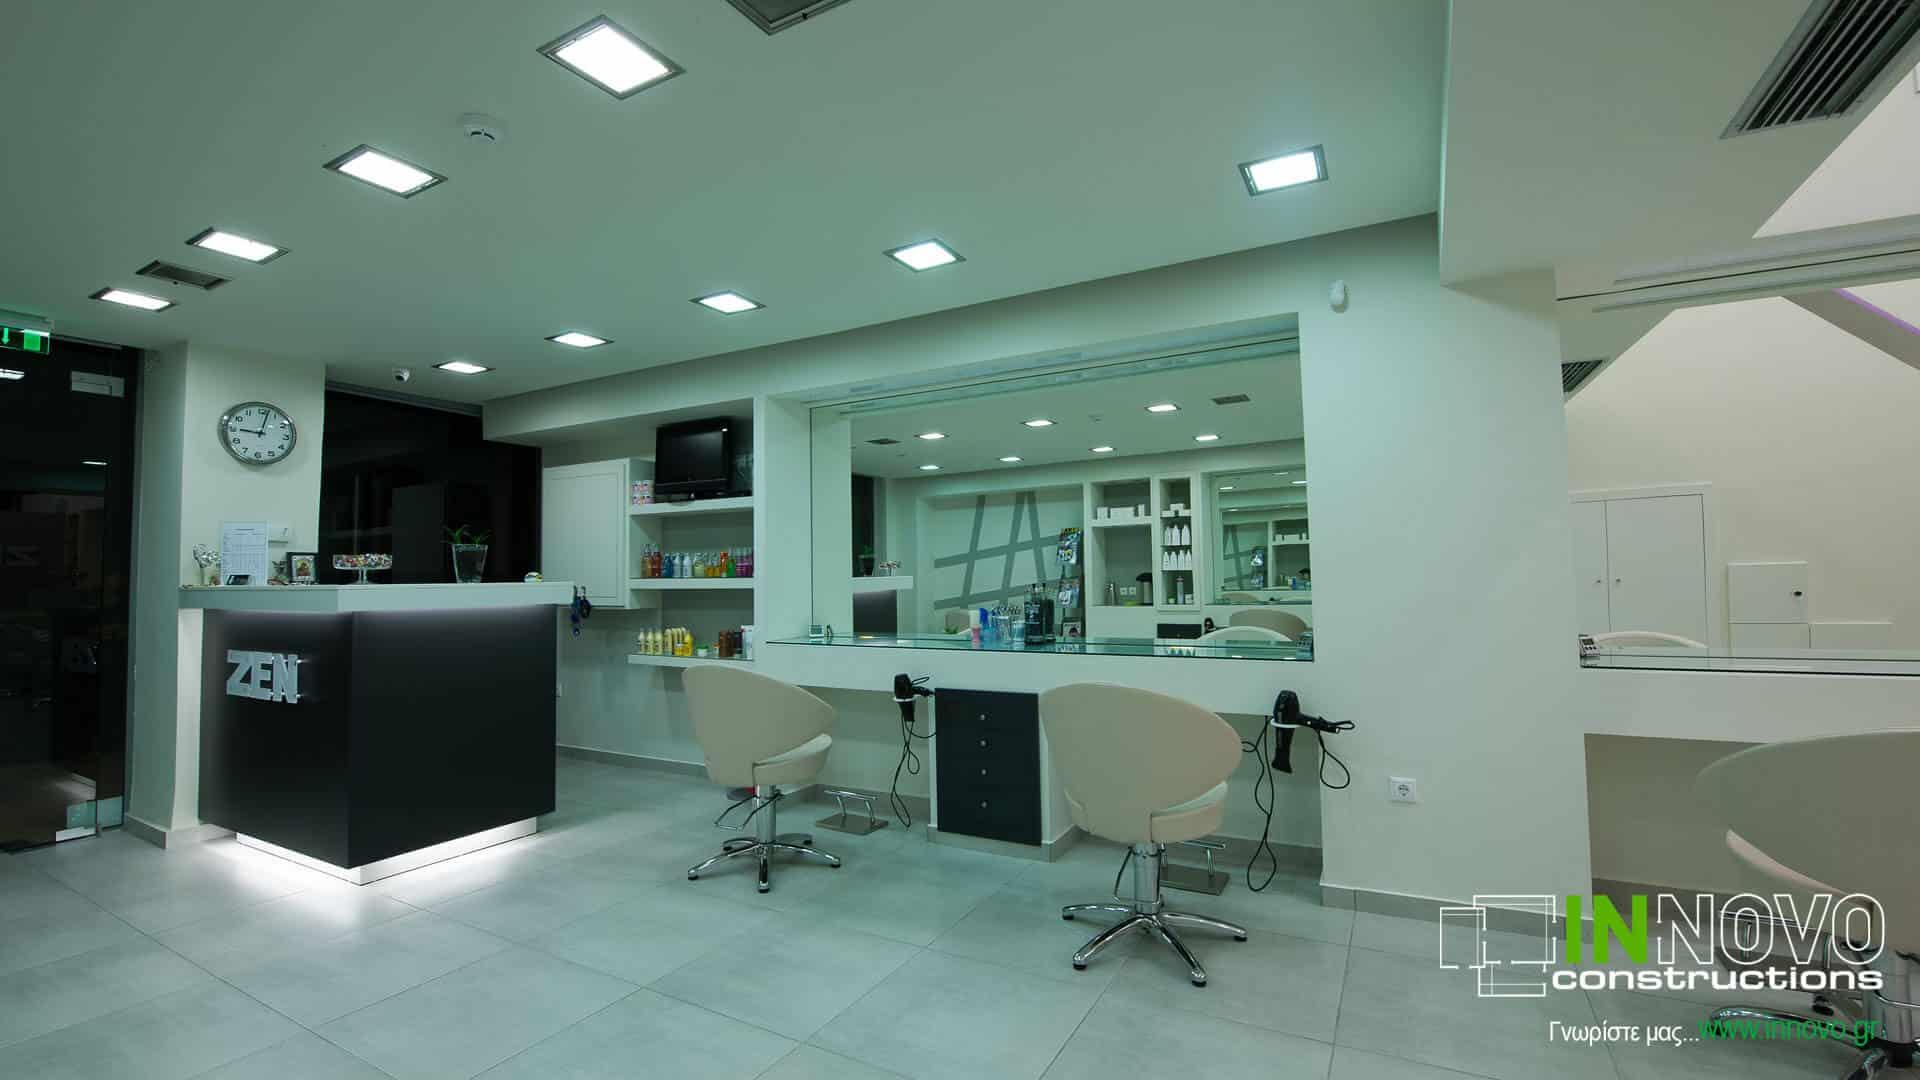 kataskevi-kommotiriou-hairdressers-construction-kommotirio-renti-1365-8